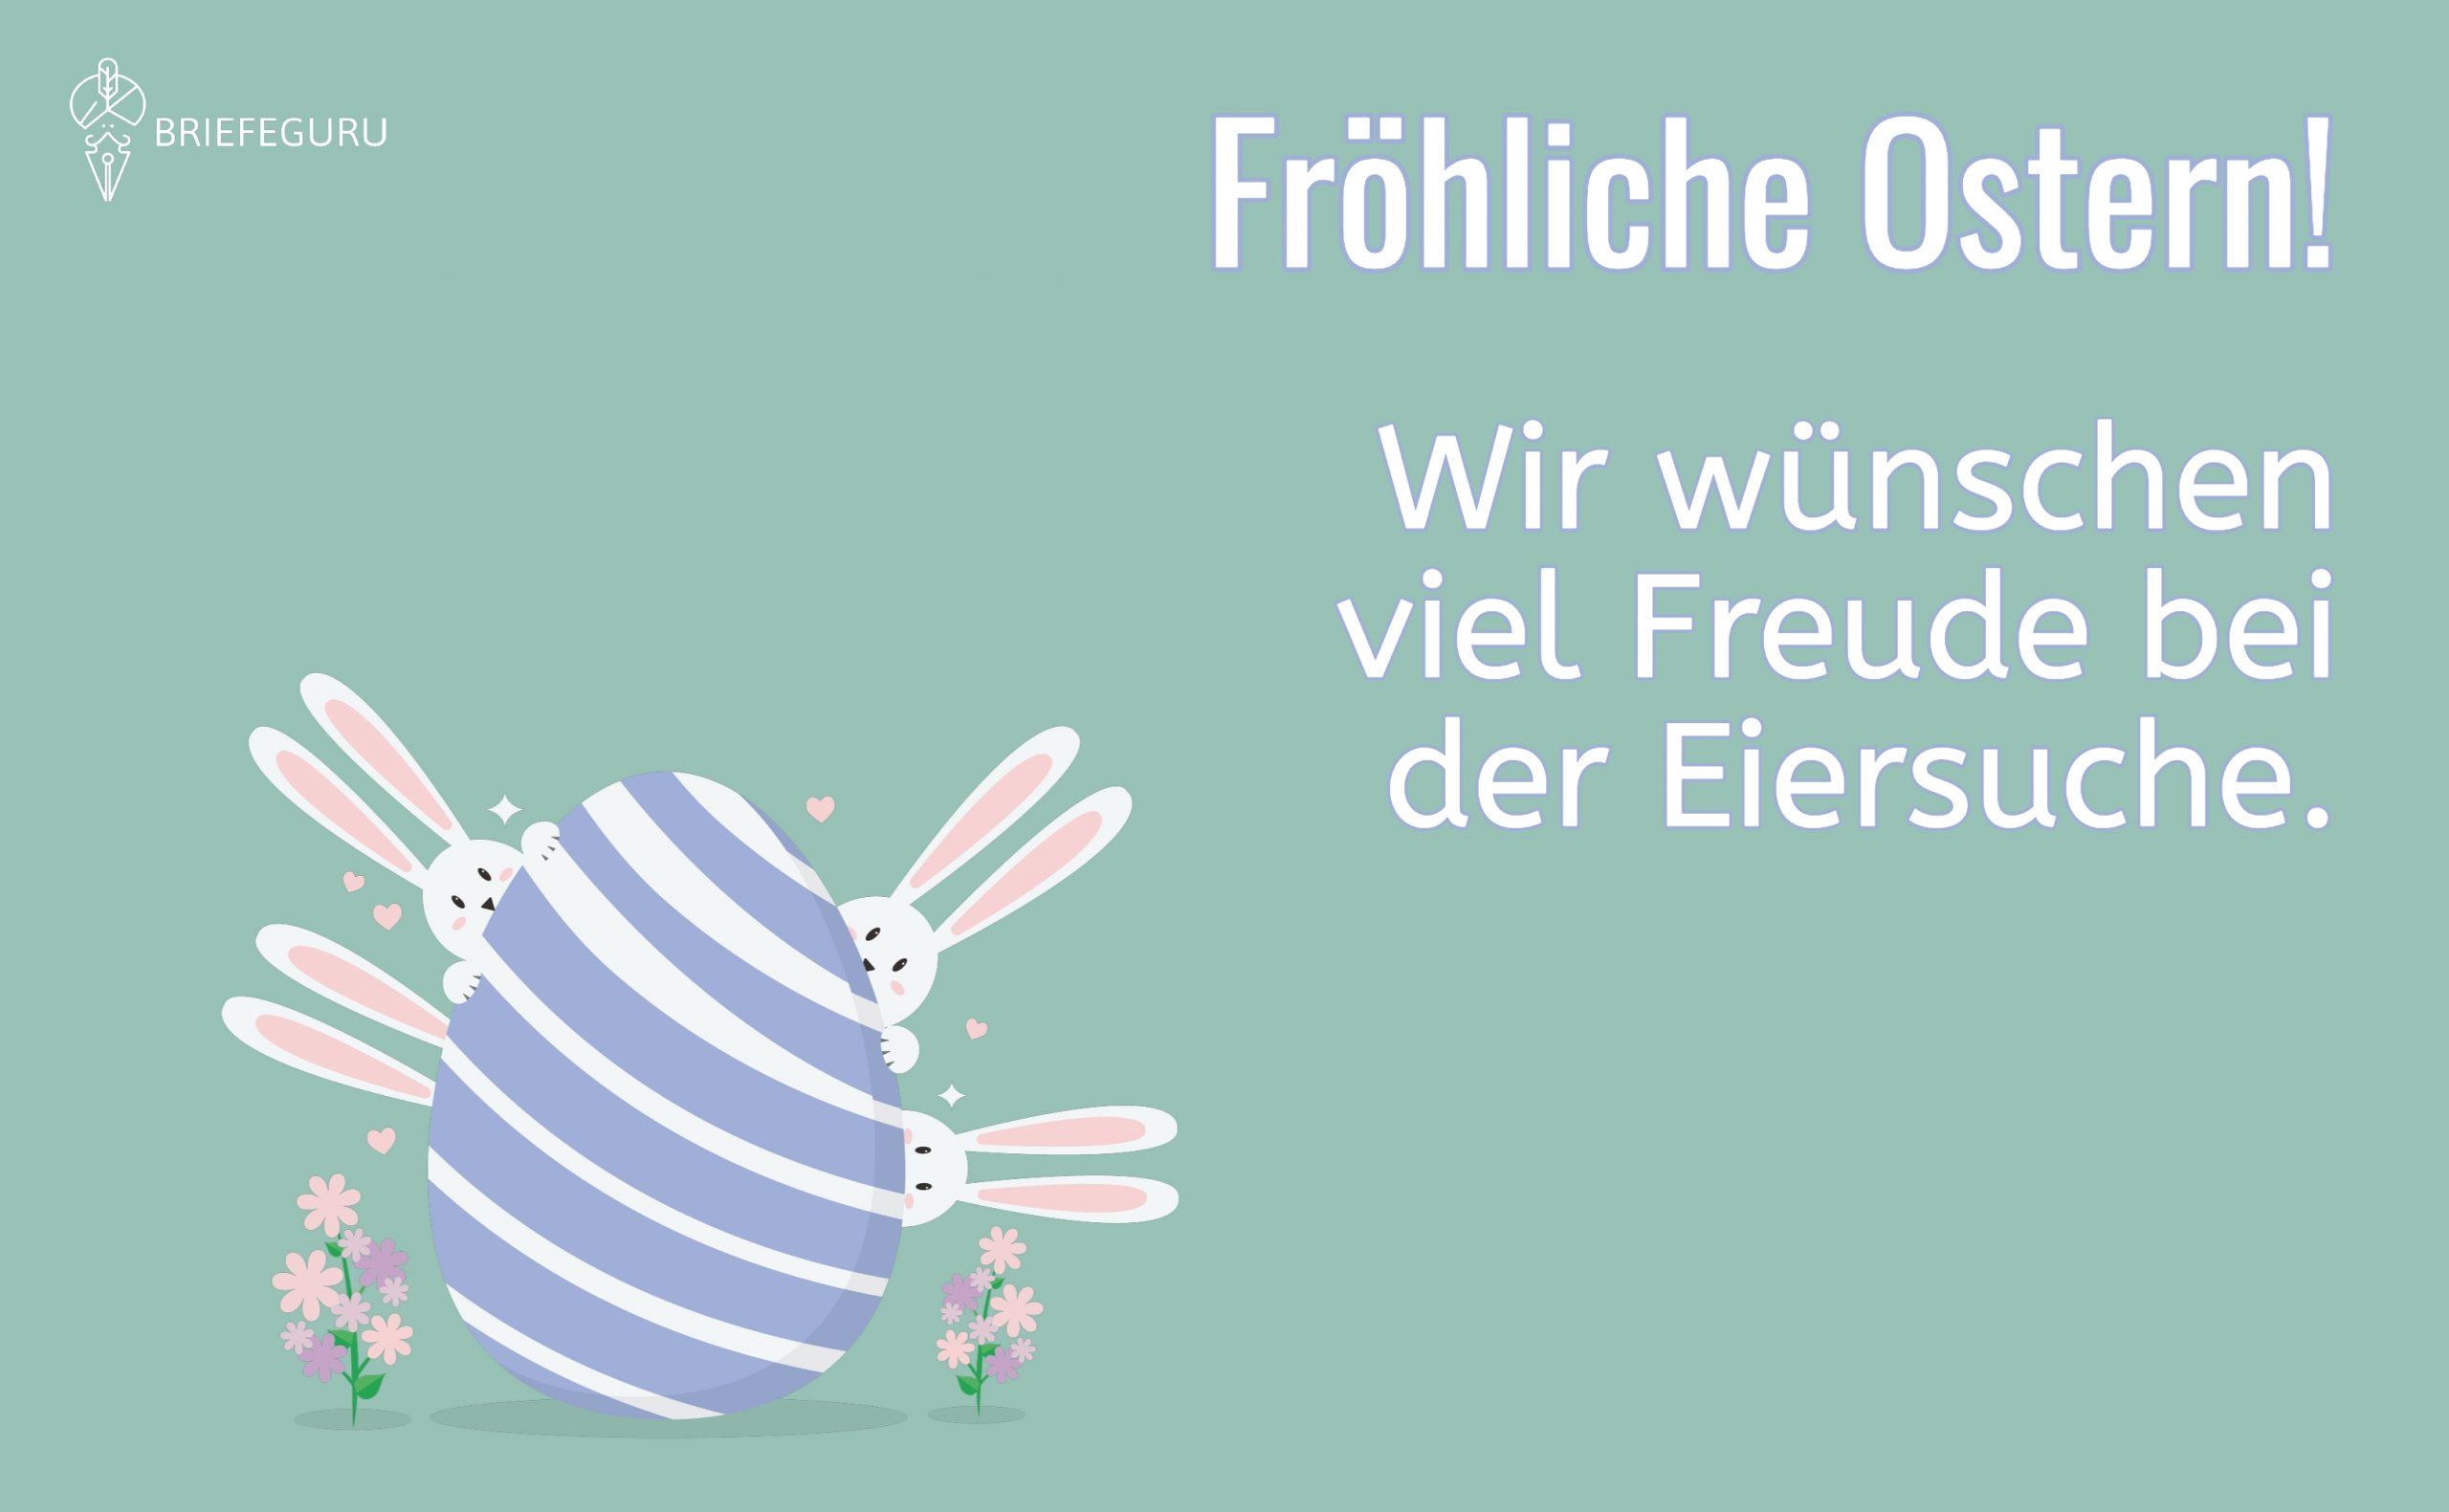 Fröhliche Ostern! Wir wünschen viel Freude bei der Eiersuche.